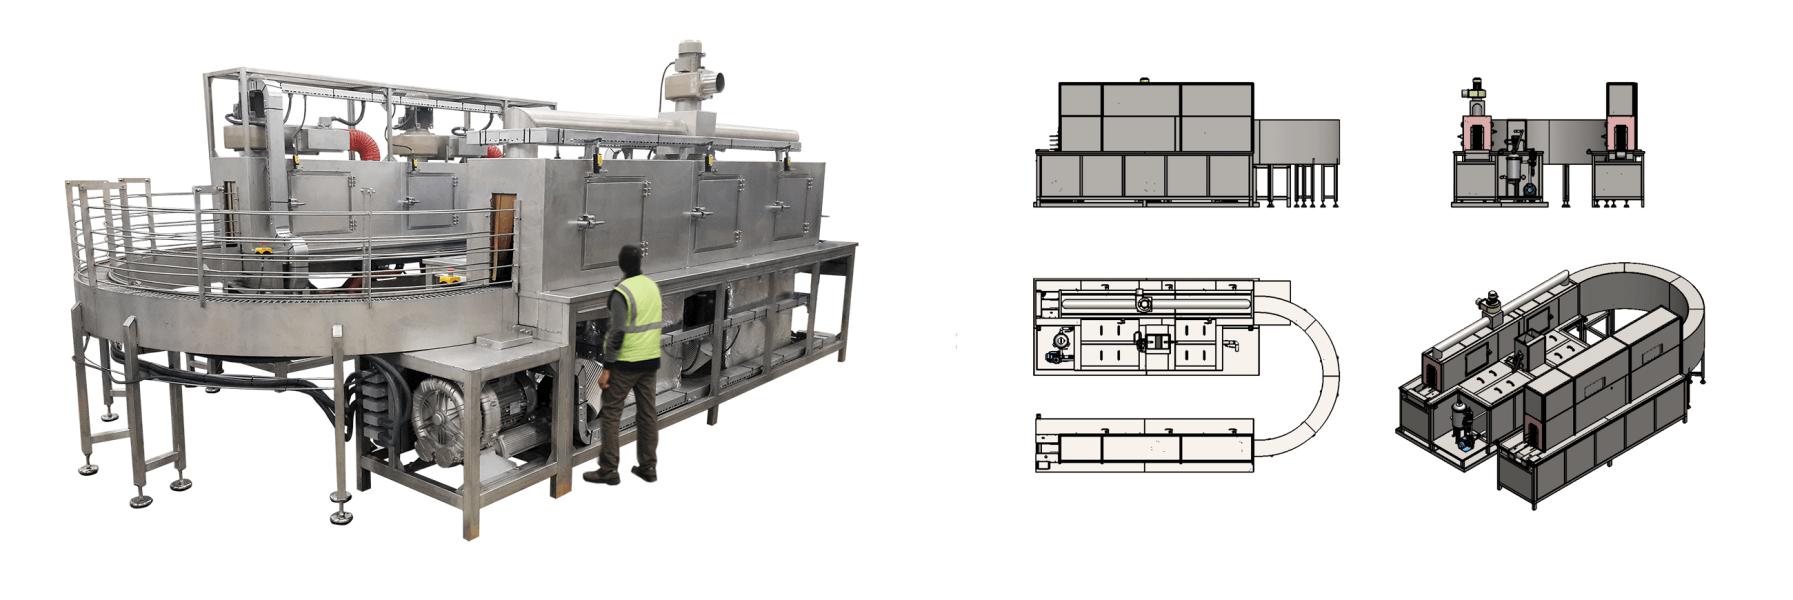 Lavadoras industriales a medida 2